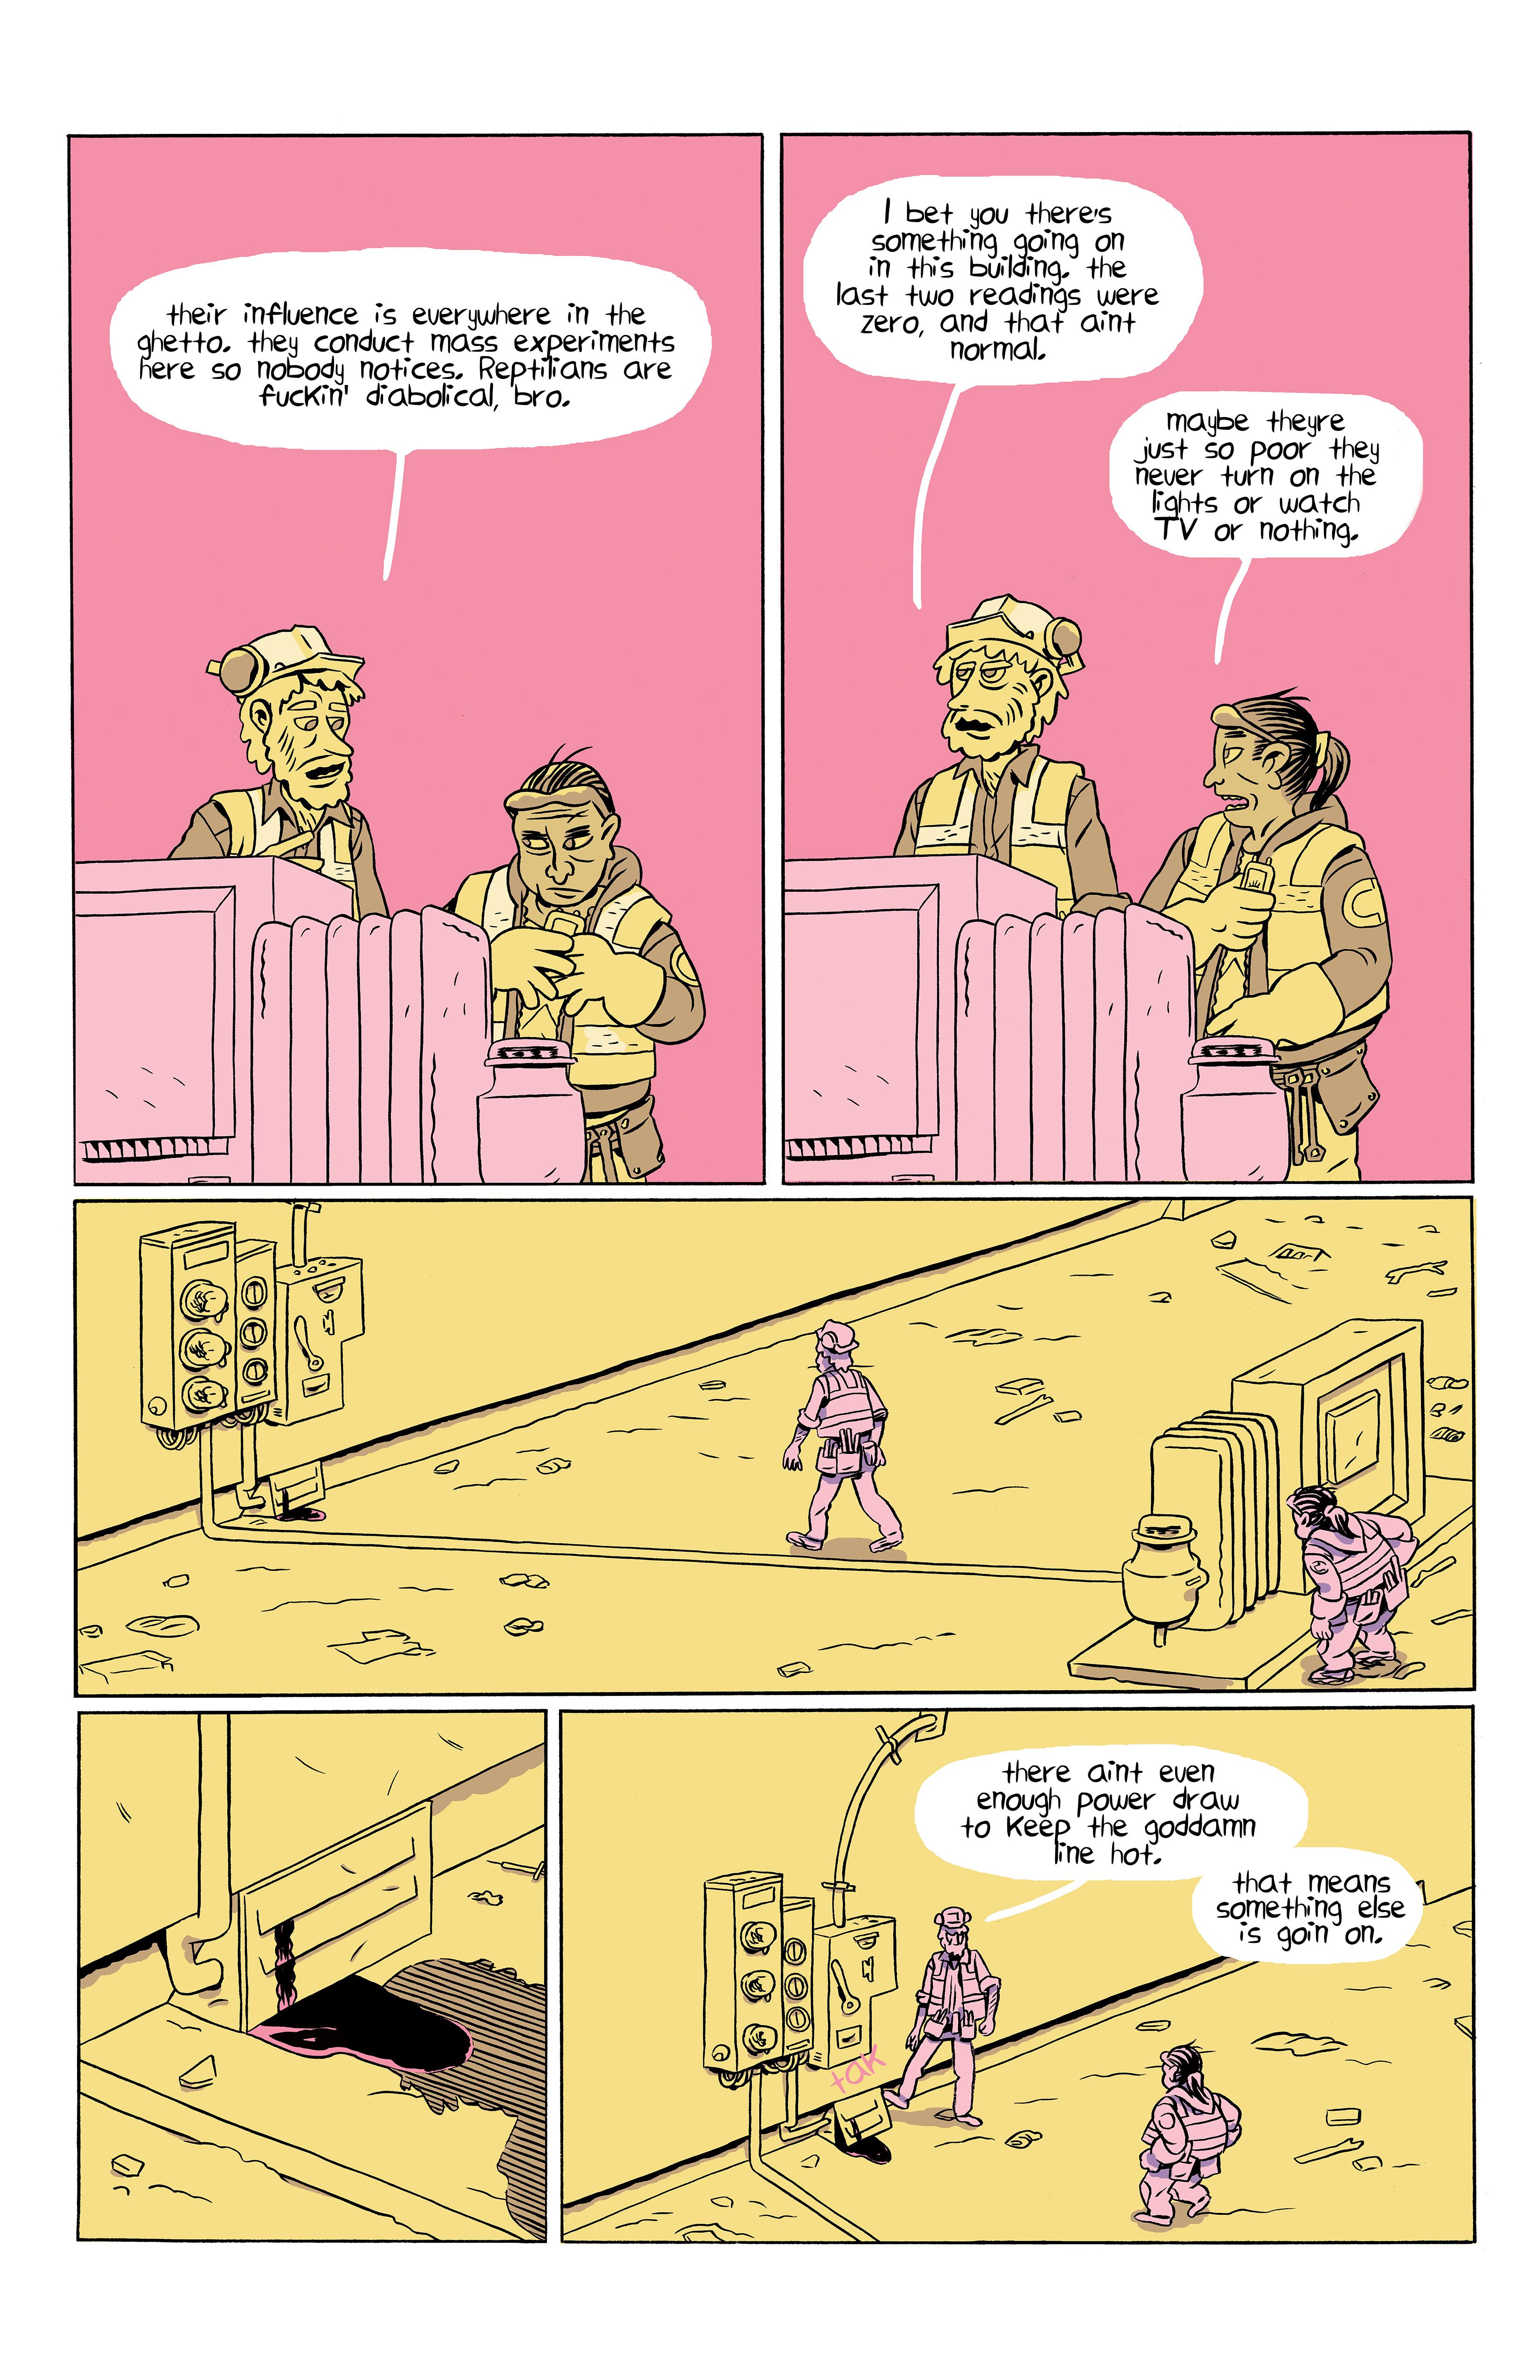 Bttmfdrs pg 2